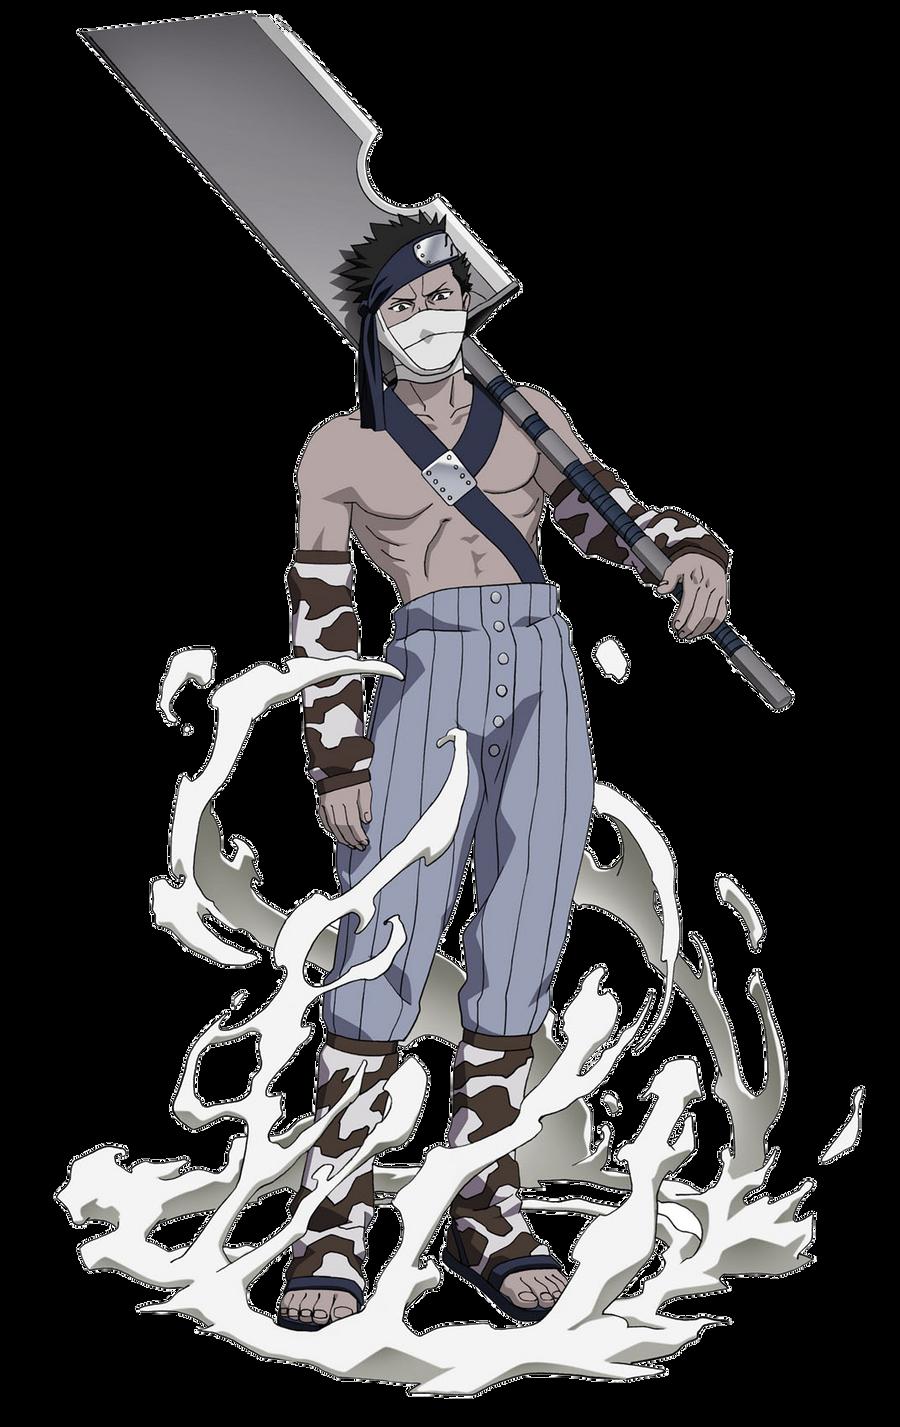 RWBY vs Naruto Squad - Battles - Comic Vine Zabuza Vs Hidan